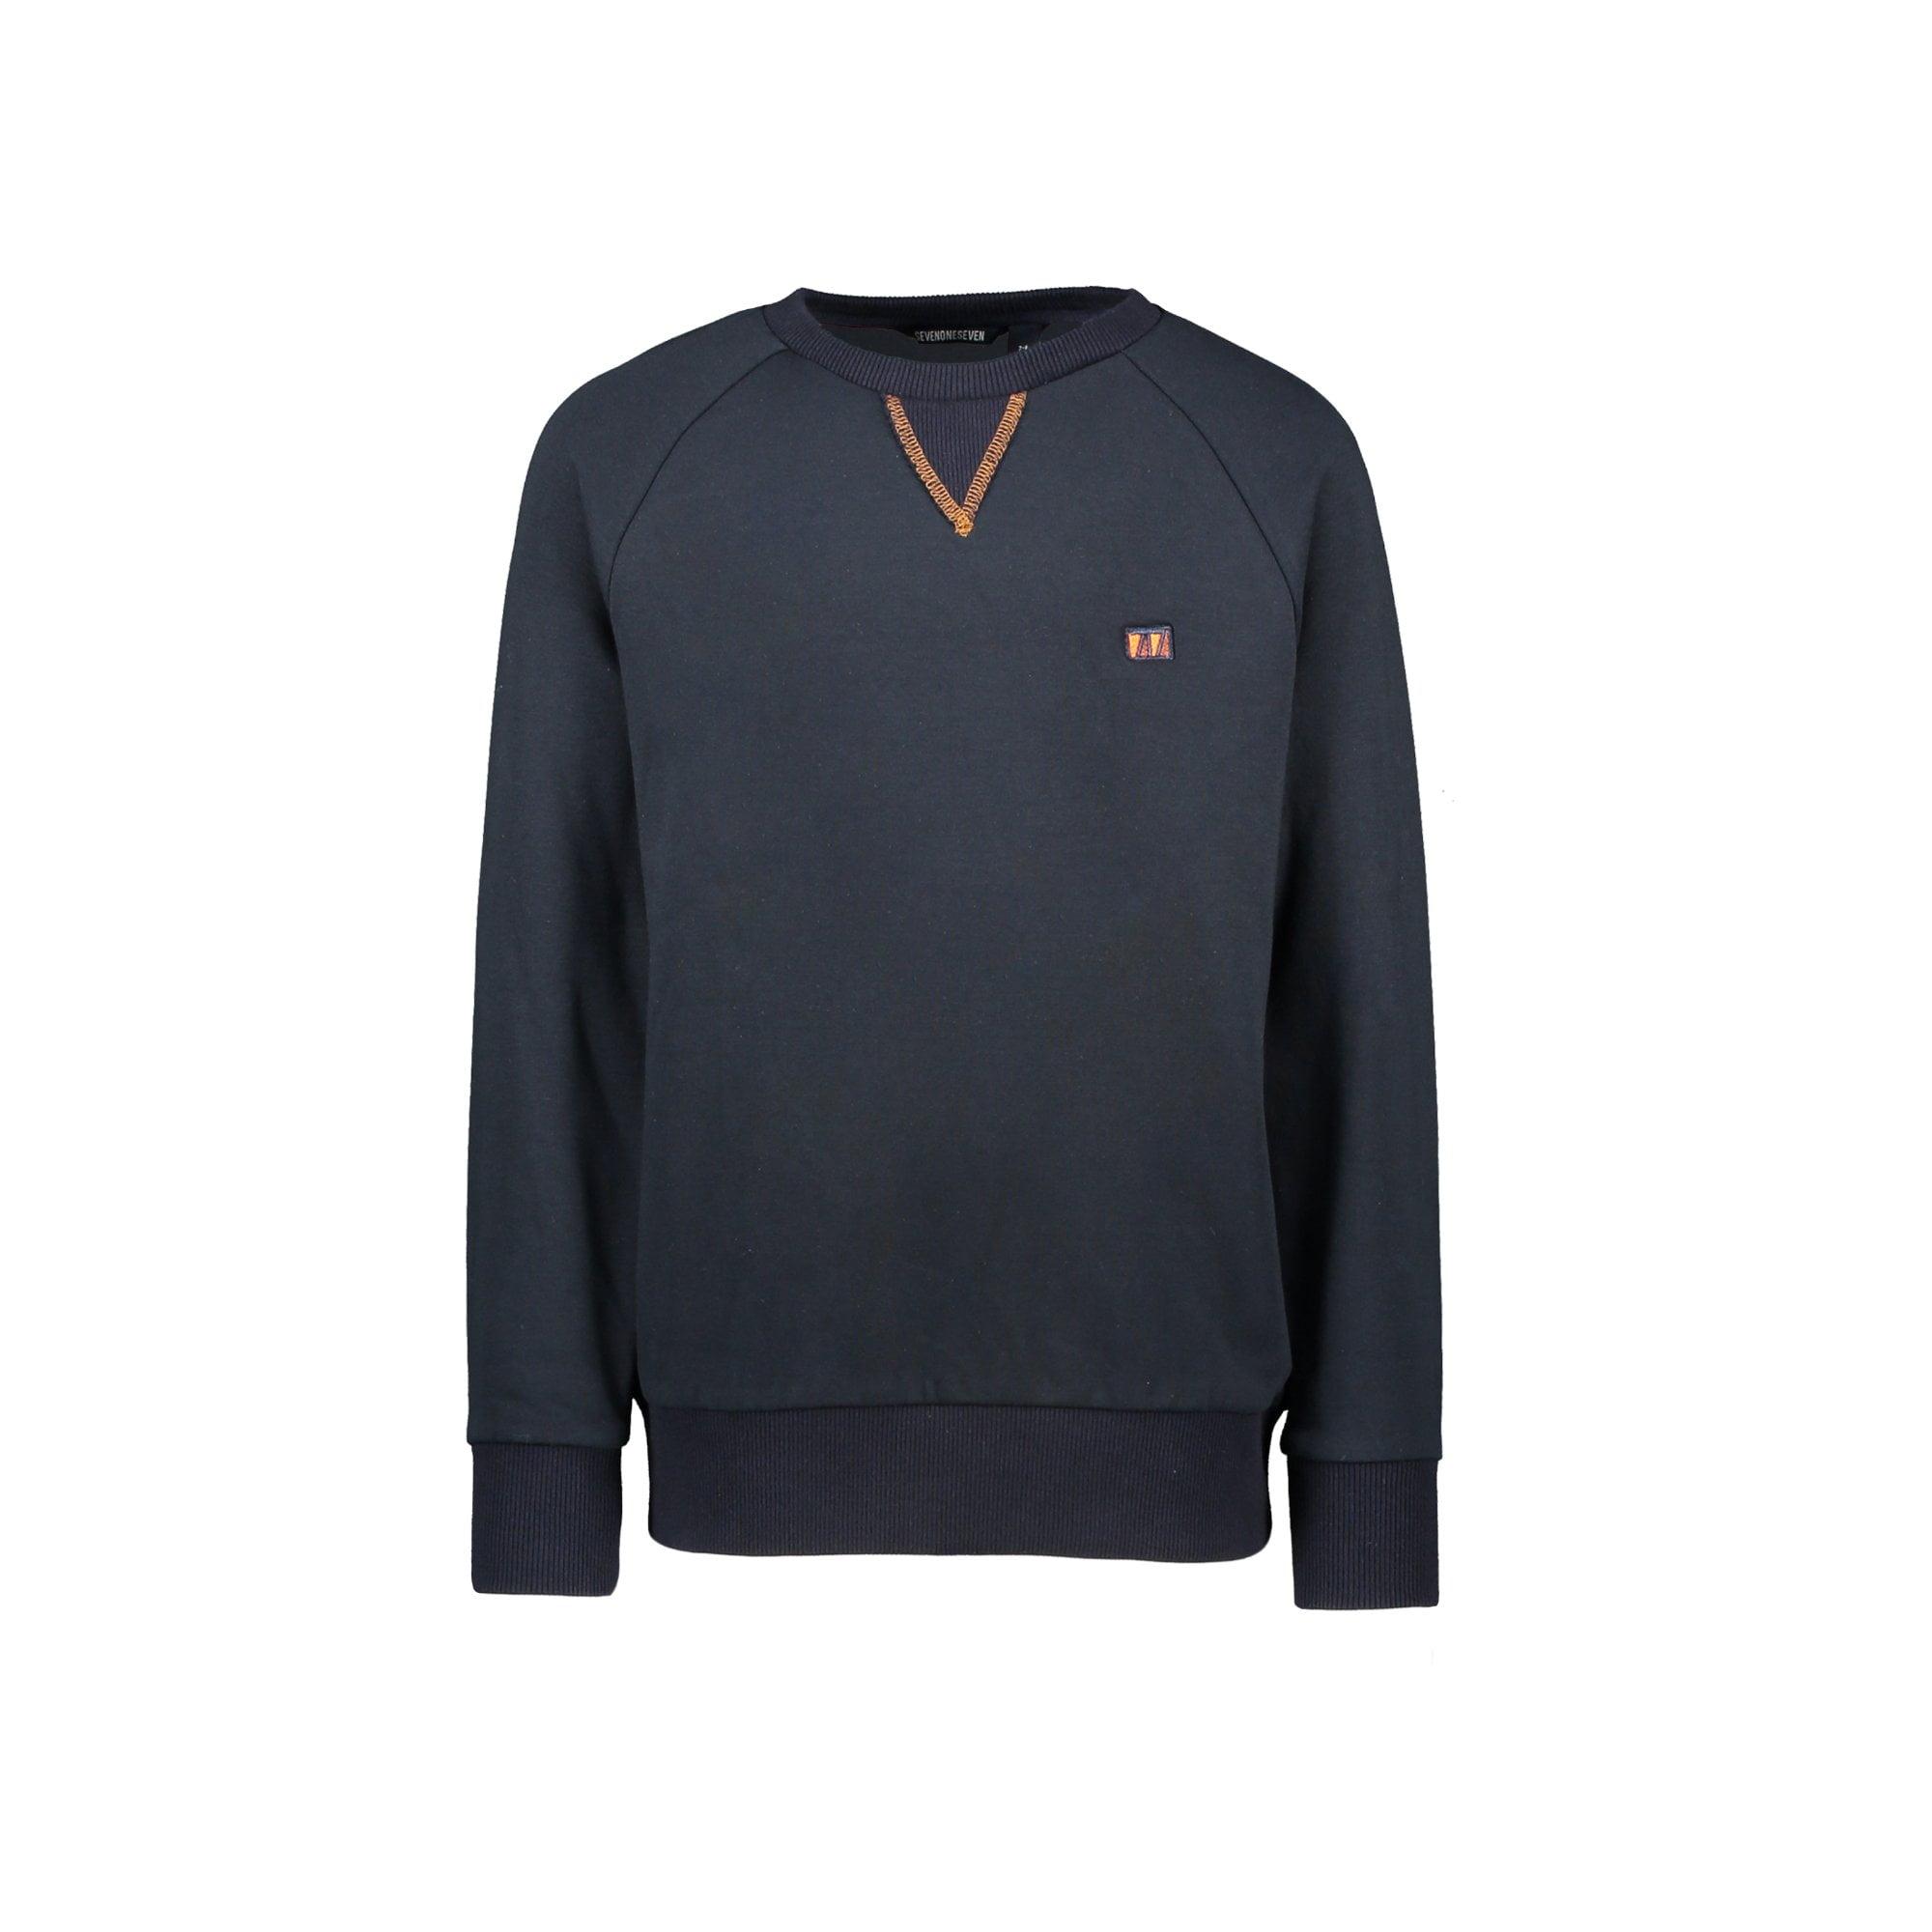 Stanley raglan contrast sleeves sweater